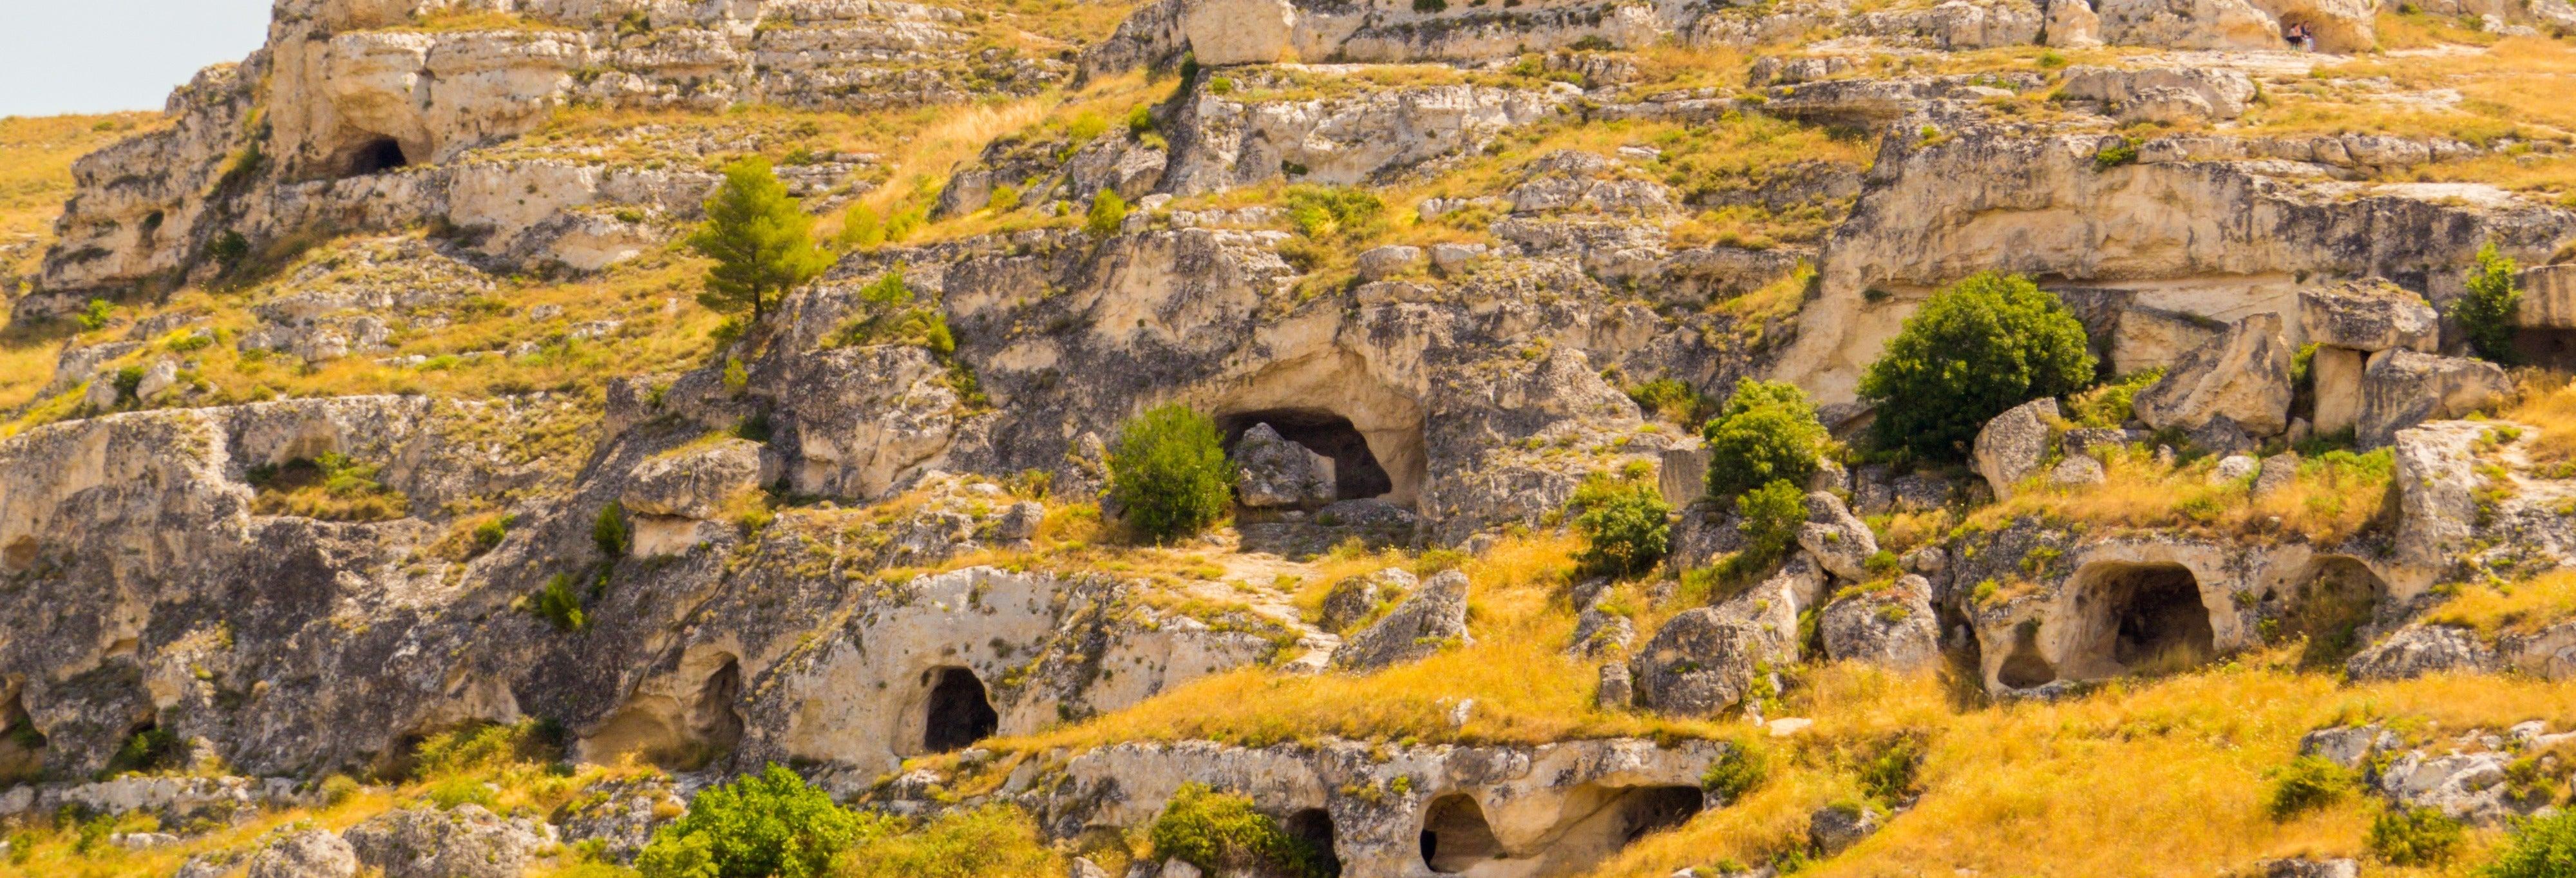 Excursión al parque de las iglesias rupestres